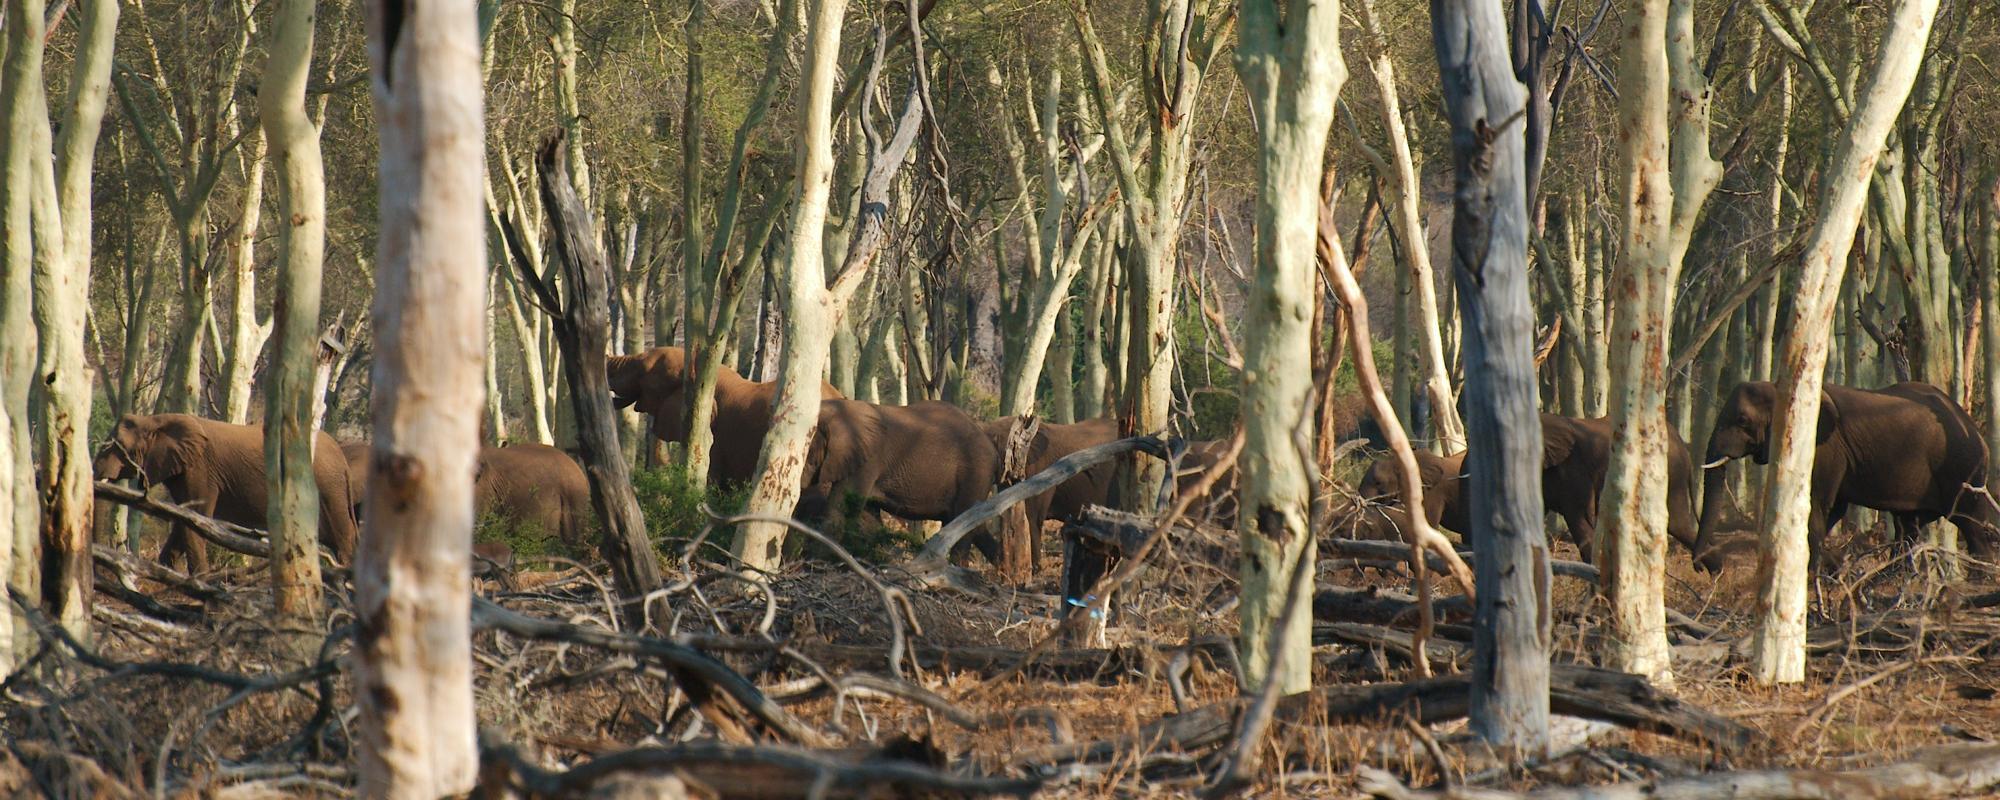 Elefanten im Krüger Nationalpark in Südafrika